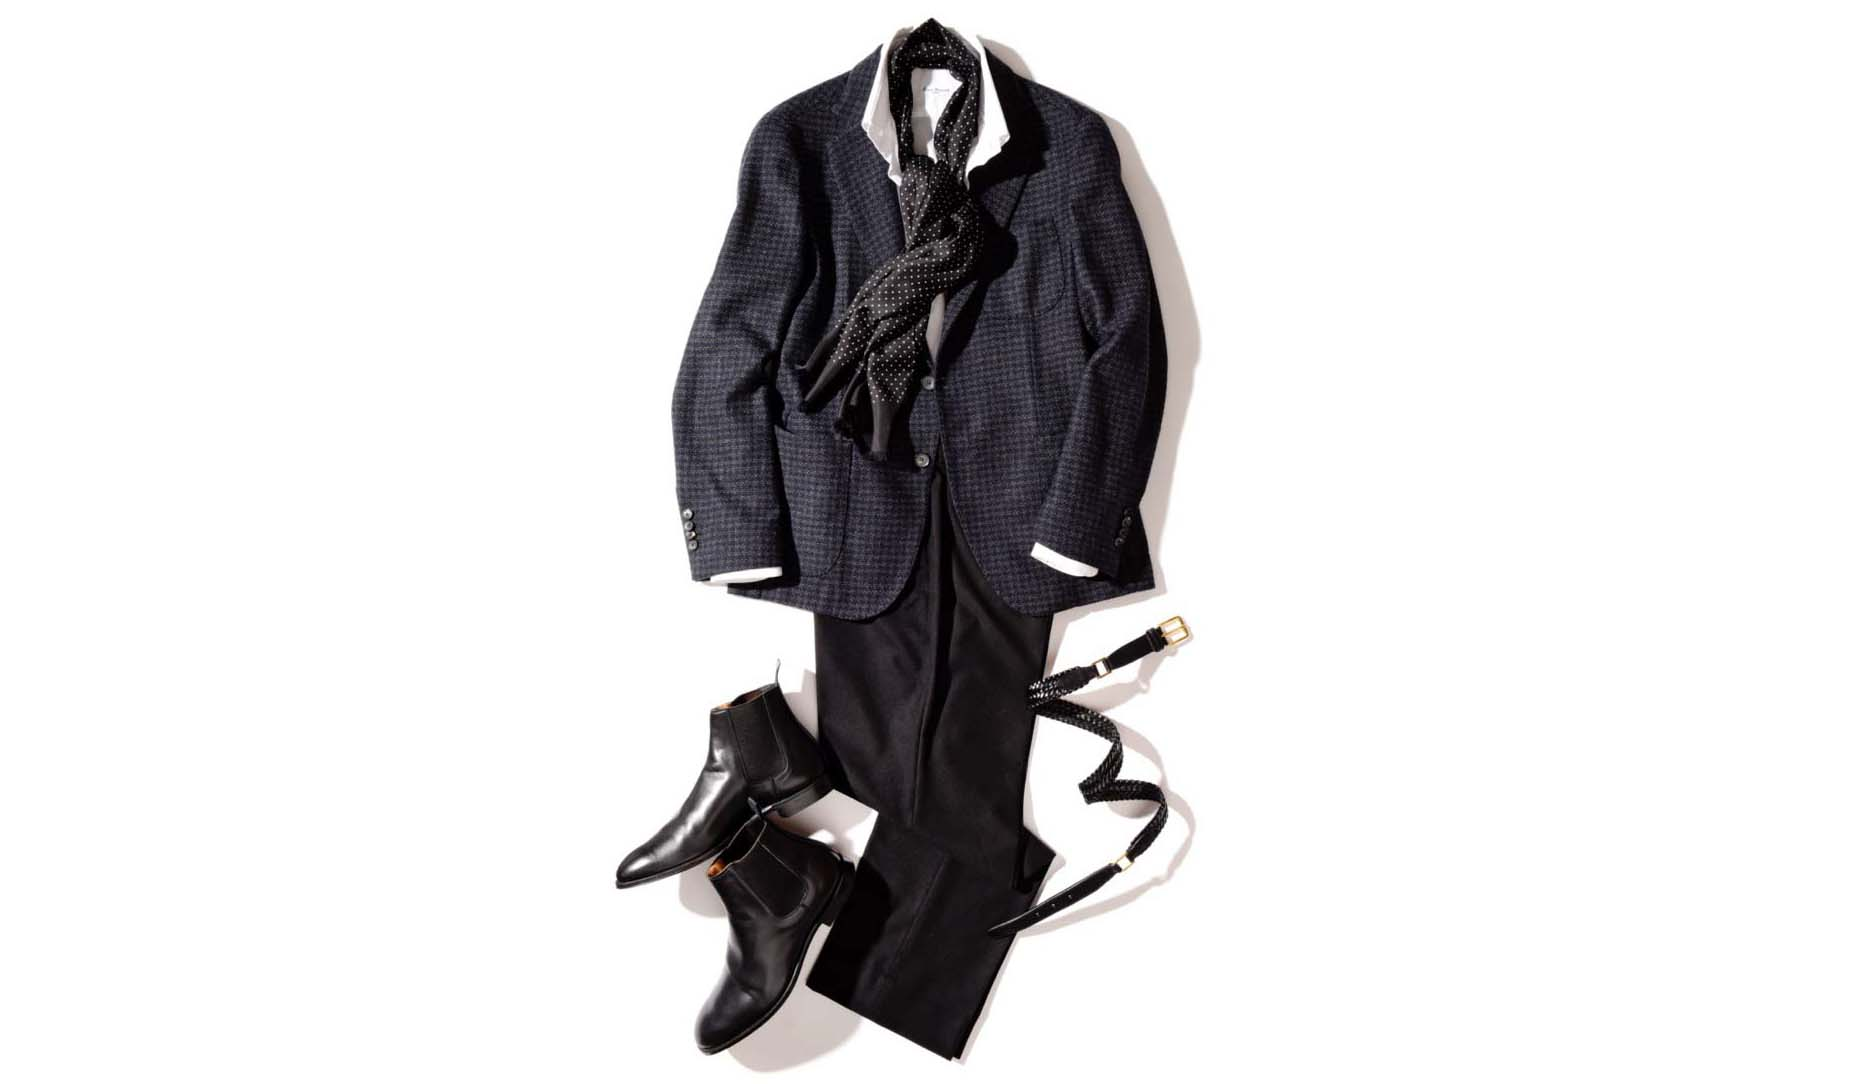 「マルセル ラサンス」のジャケットを使ったフレンチスタイルのコーディネート